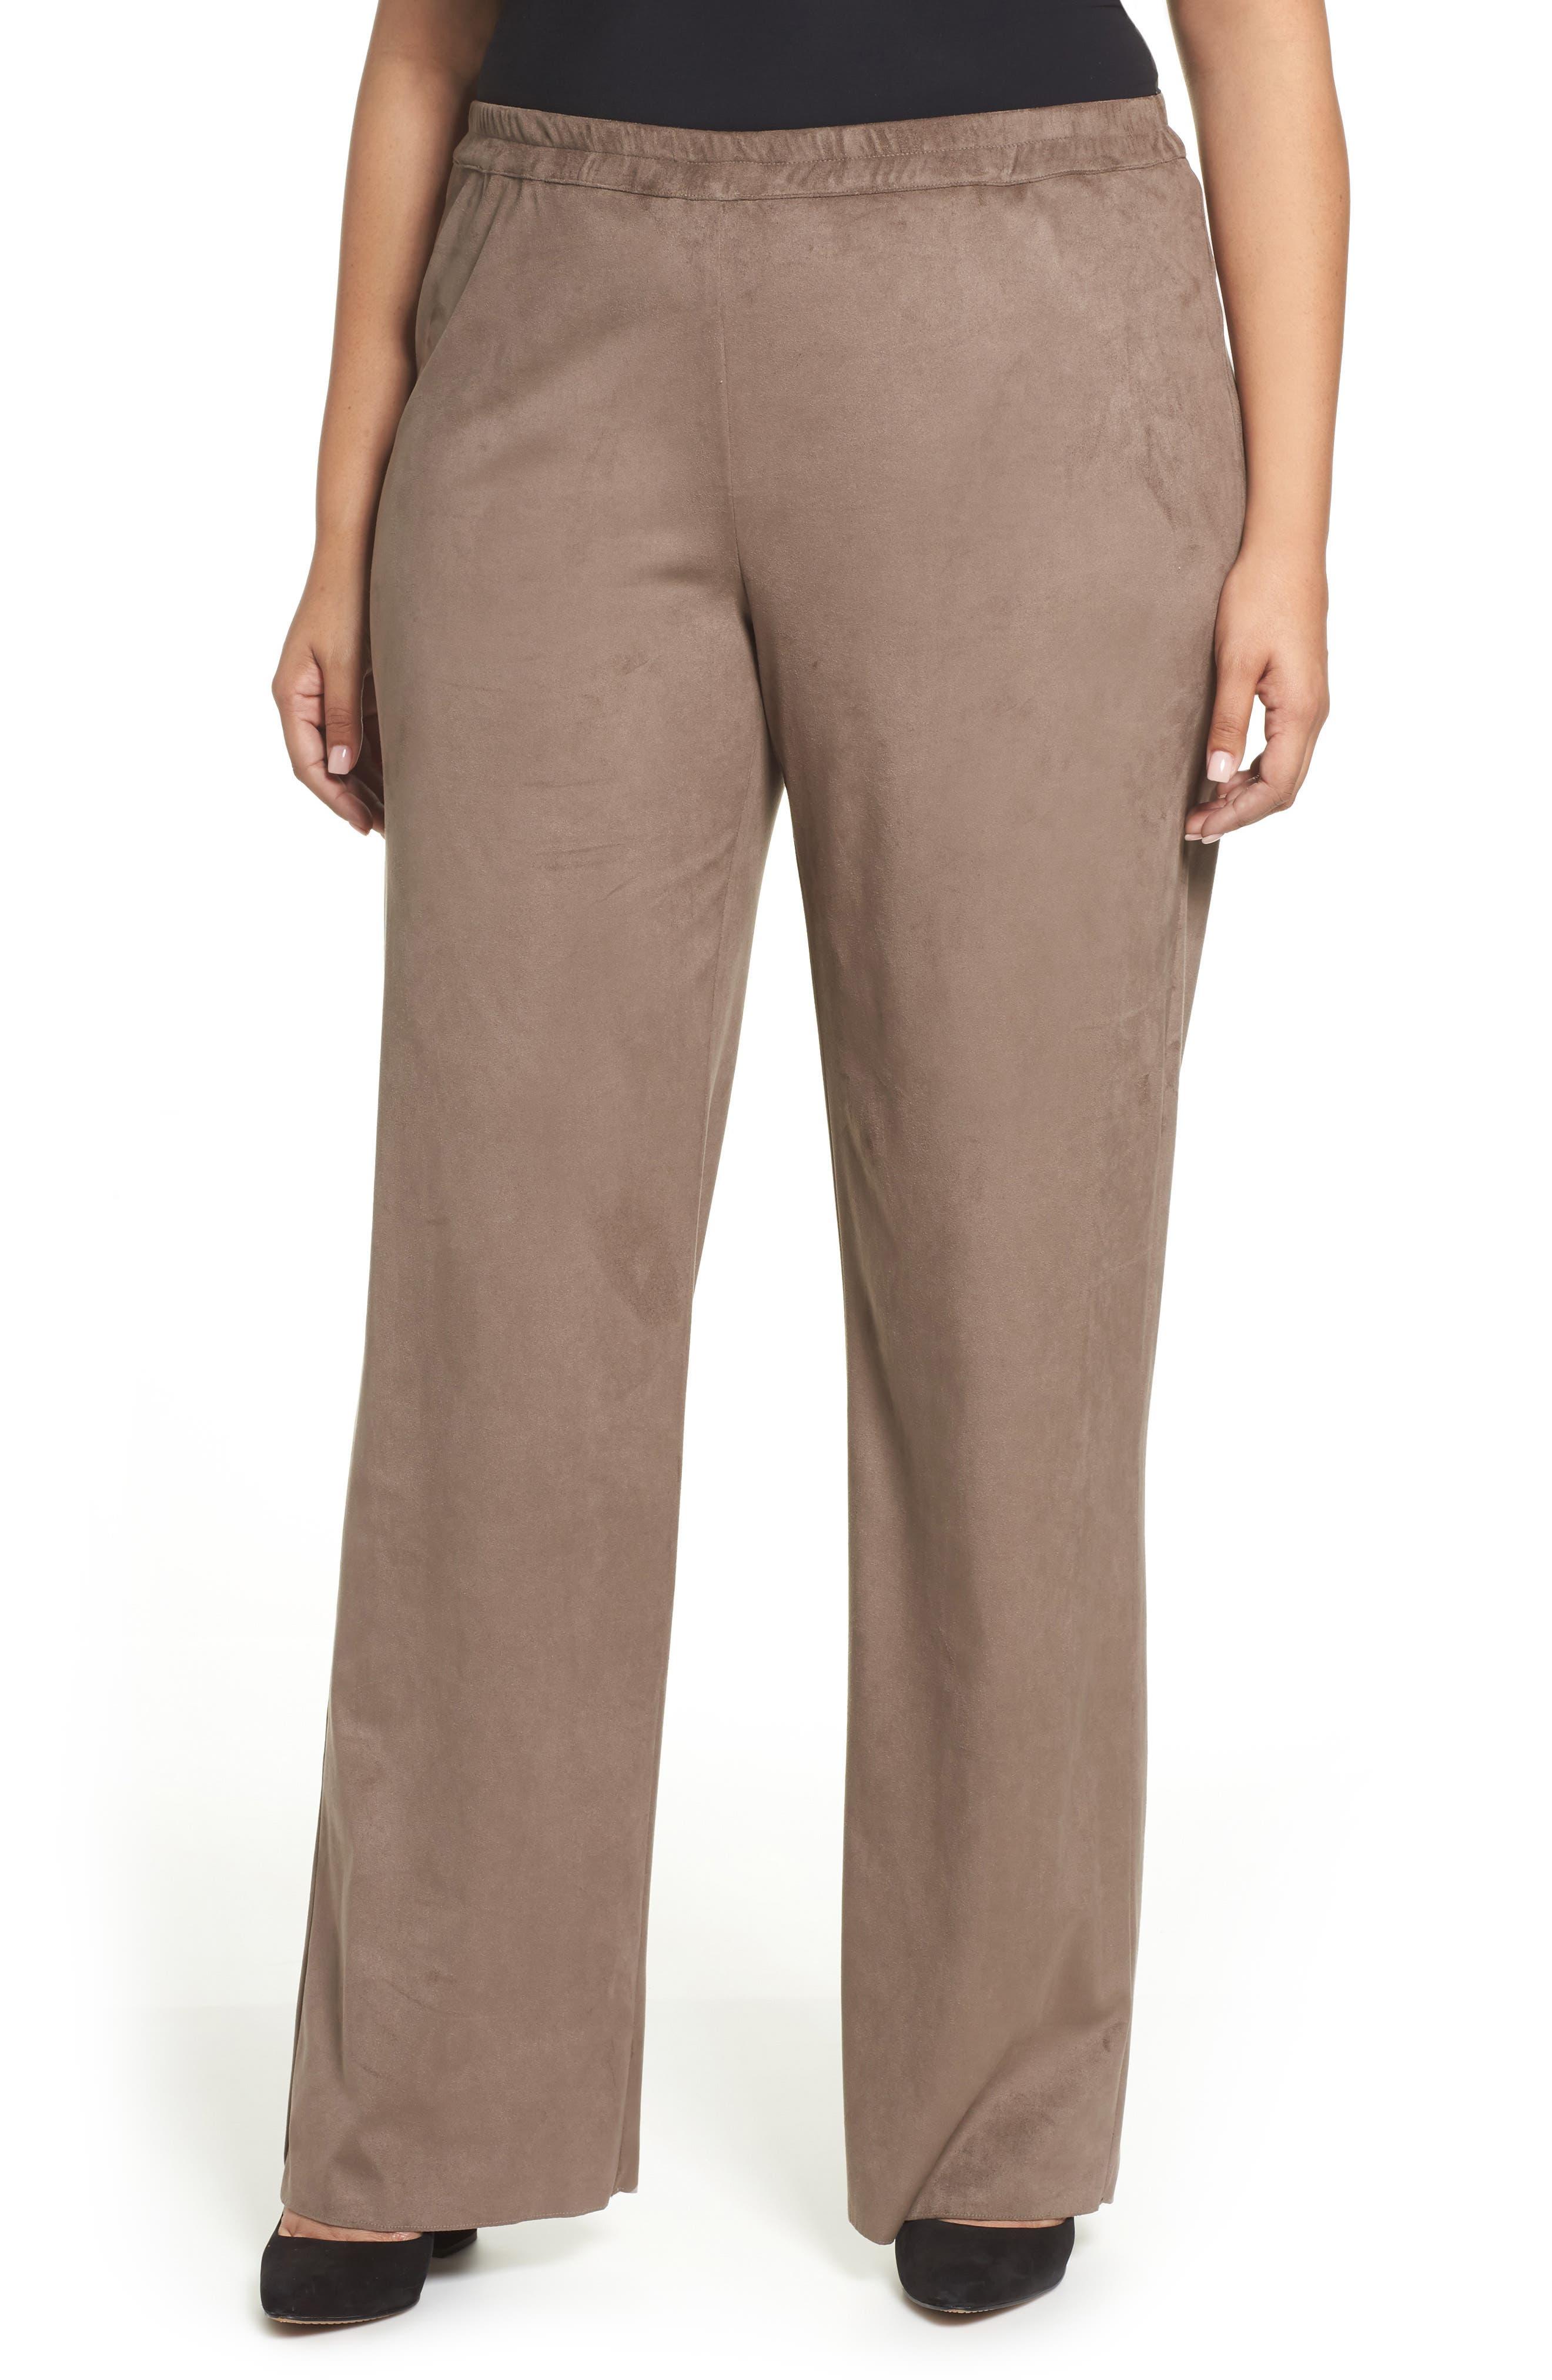 Rosa Faux Suede Knit Pants,                             Main thumbnail 1, color,                             Dark Beige